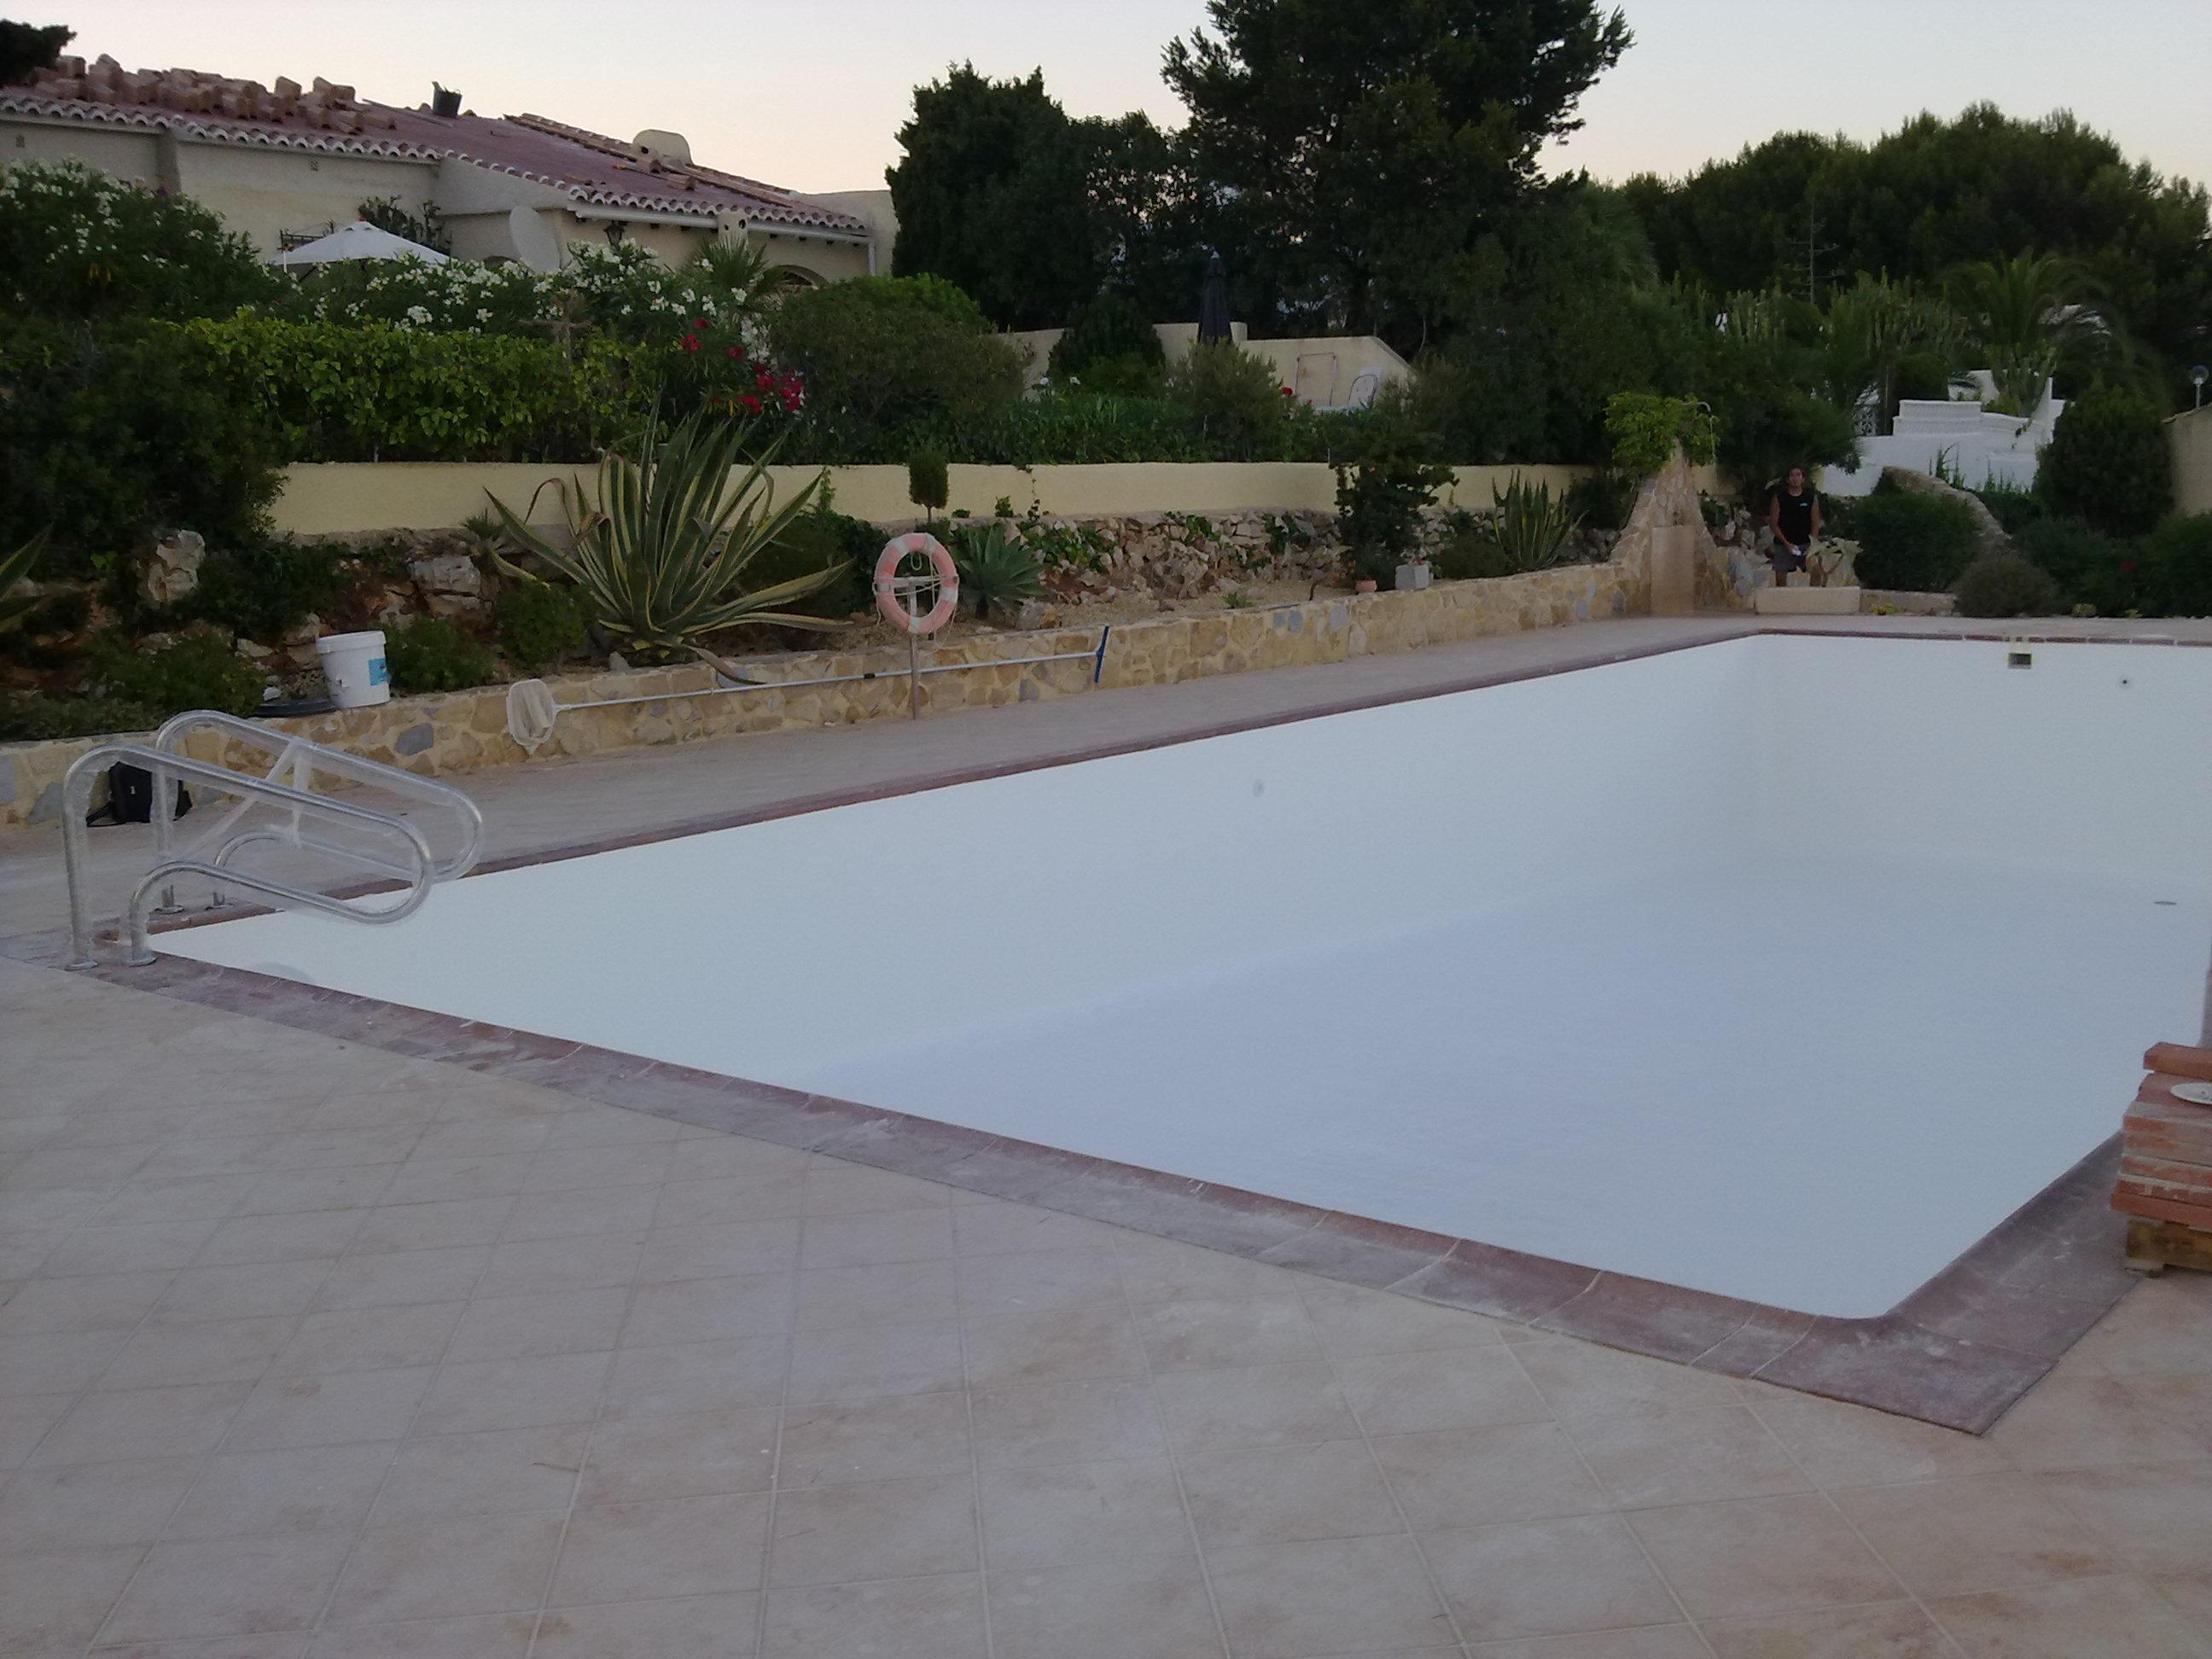 Cuanto cuesta cubrir una piscina fabulous cuanto cuesta cubrir una piscina with cuanto cuesta - Cuanto cuesta una piscina de obra ...